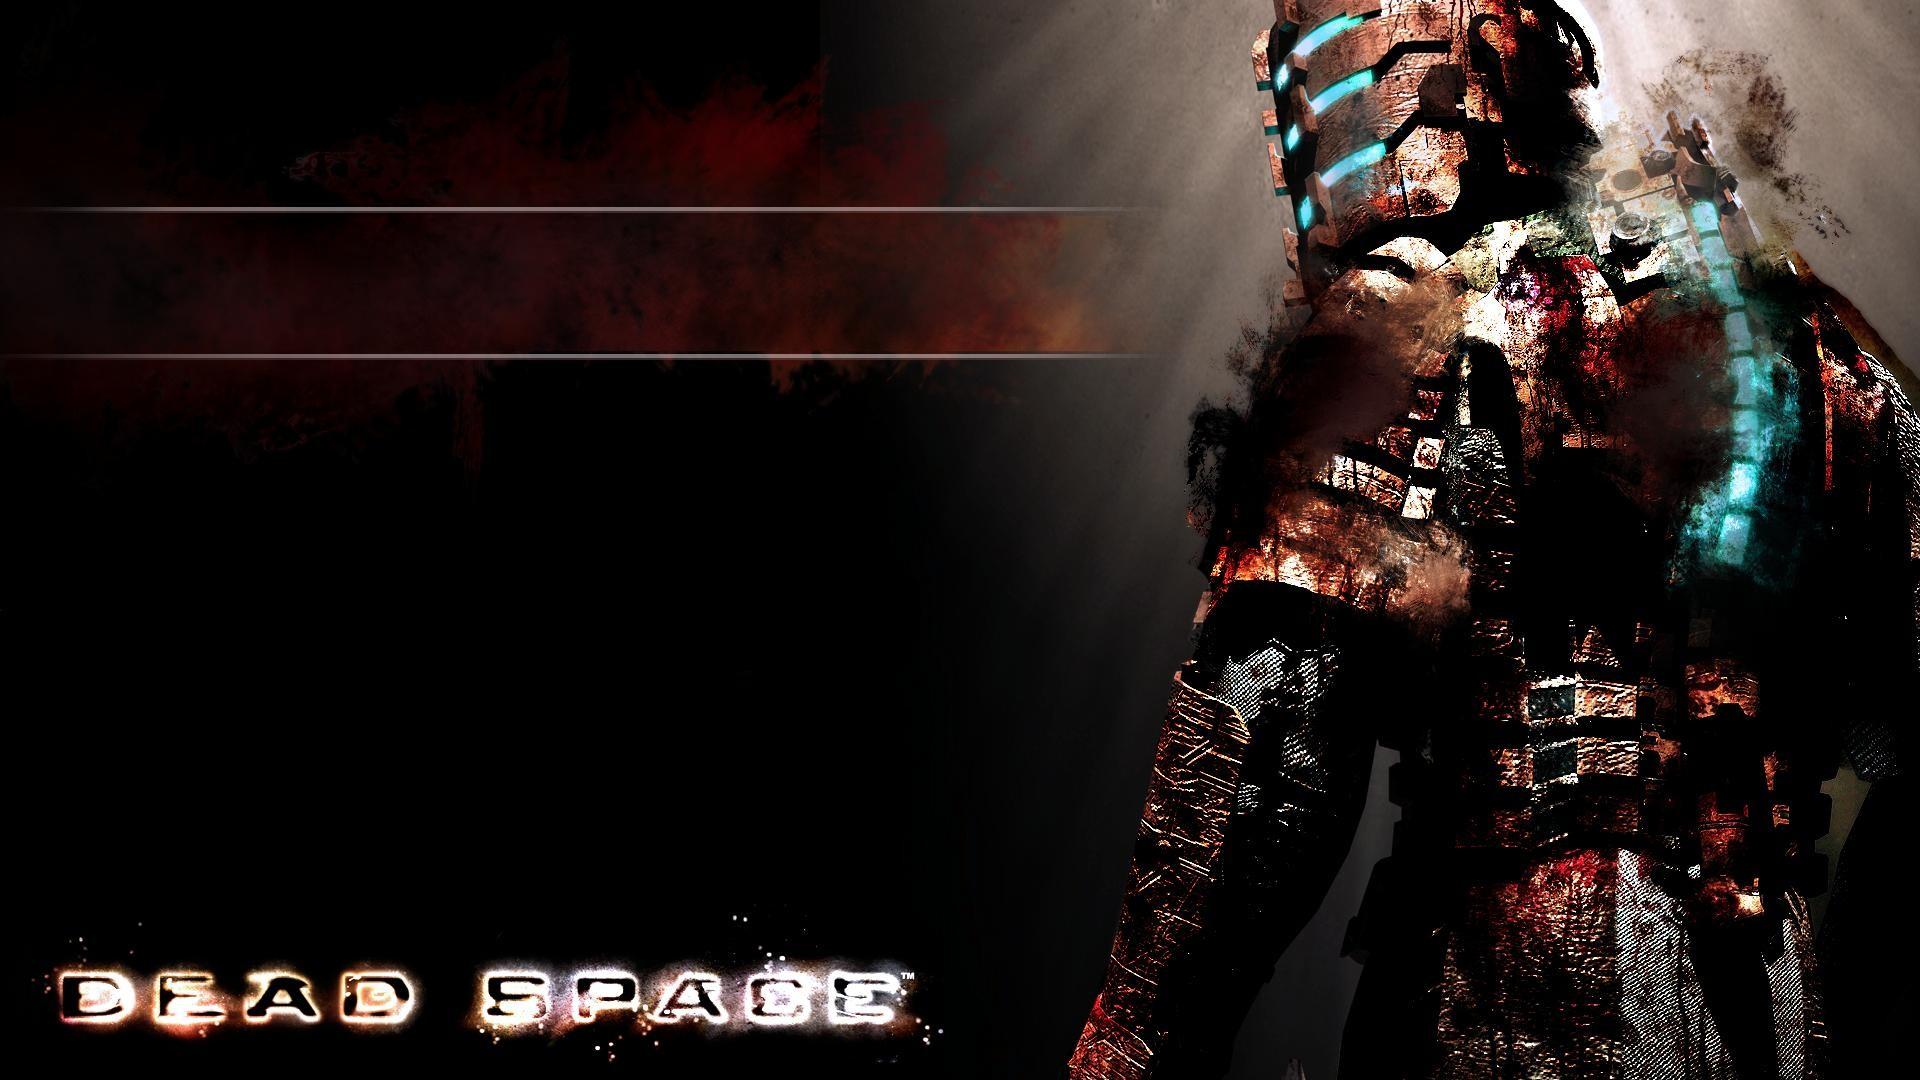 Dead Space Concept Art HD desktop wallpaper Widescreen High